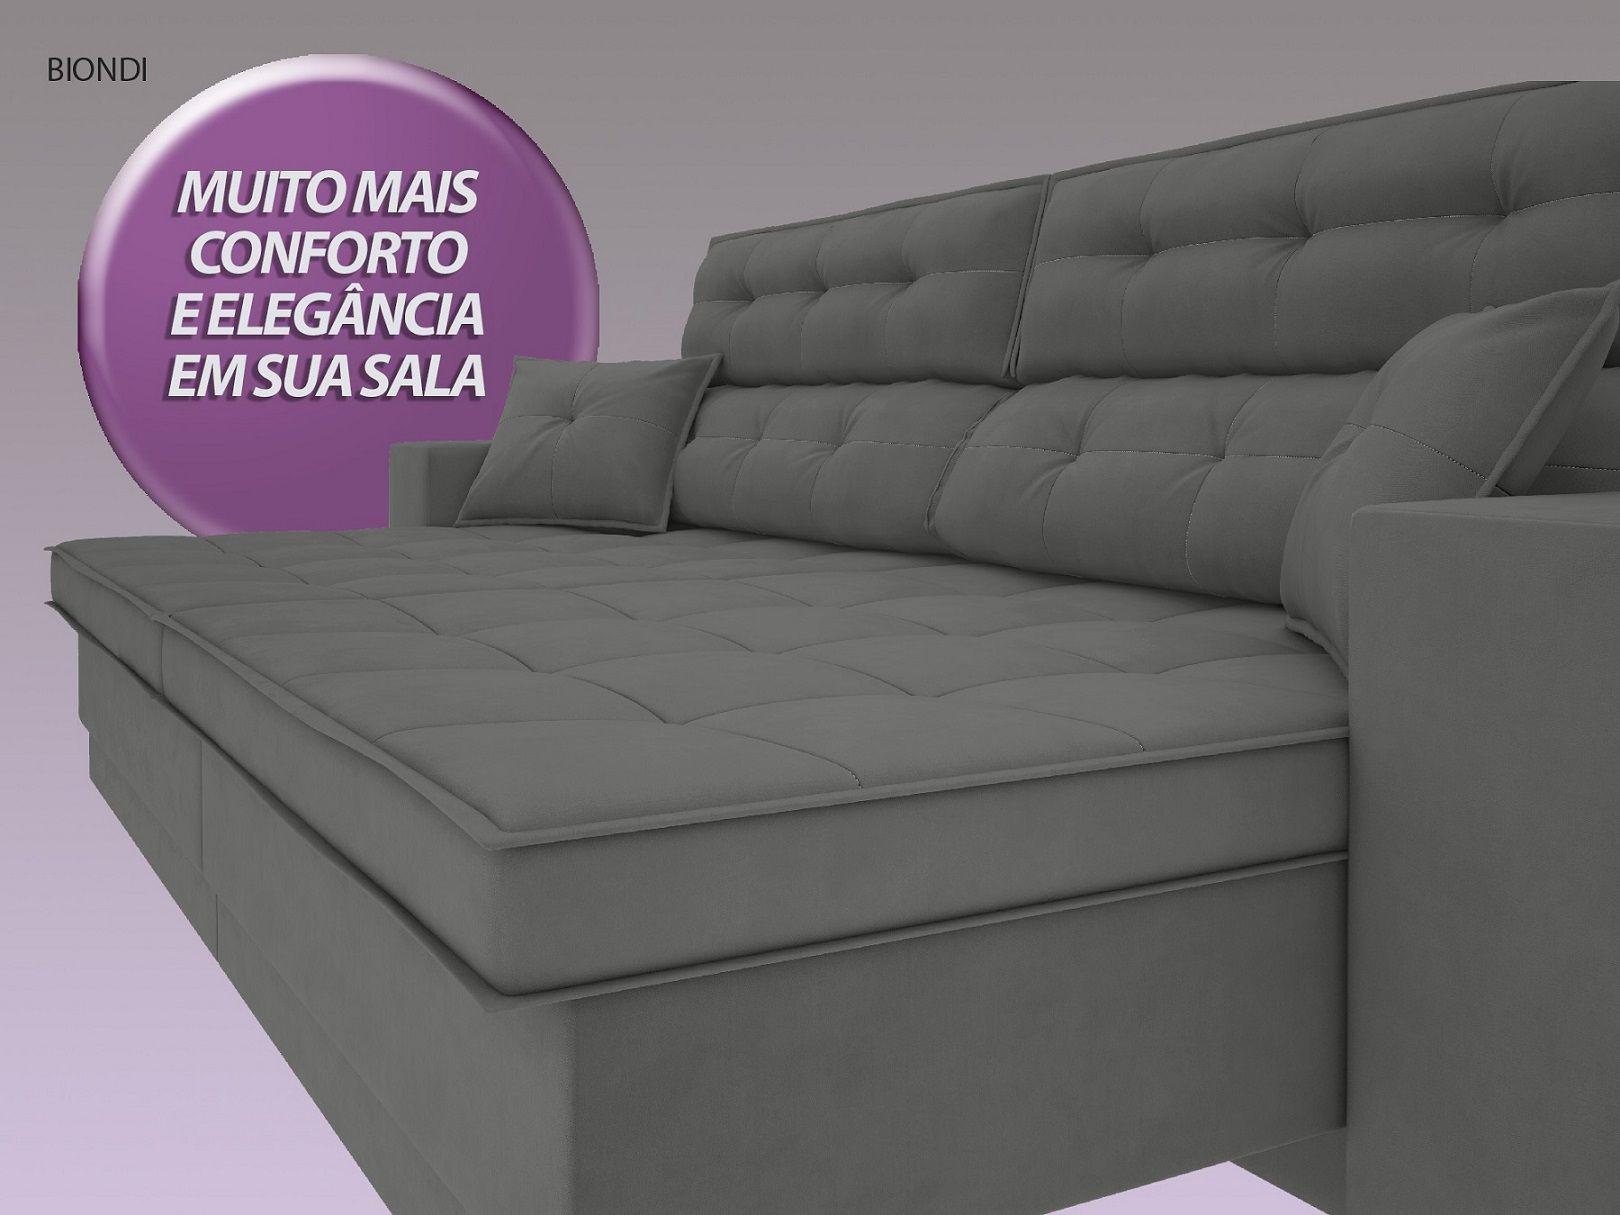 Sofá New Biondi 2,50m Retrátil e Reclinável Velosuede Grafite - NETSOFAS